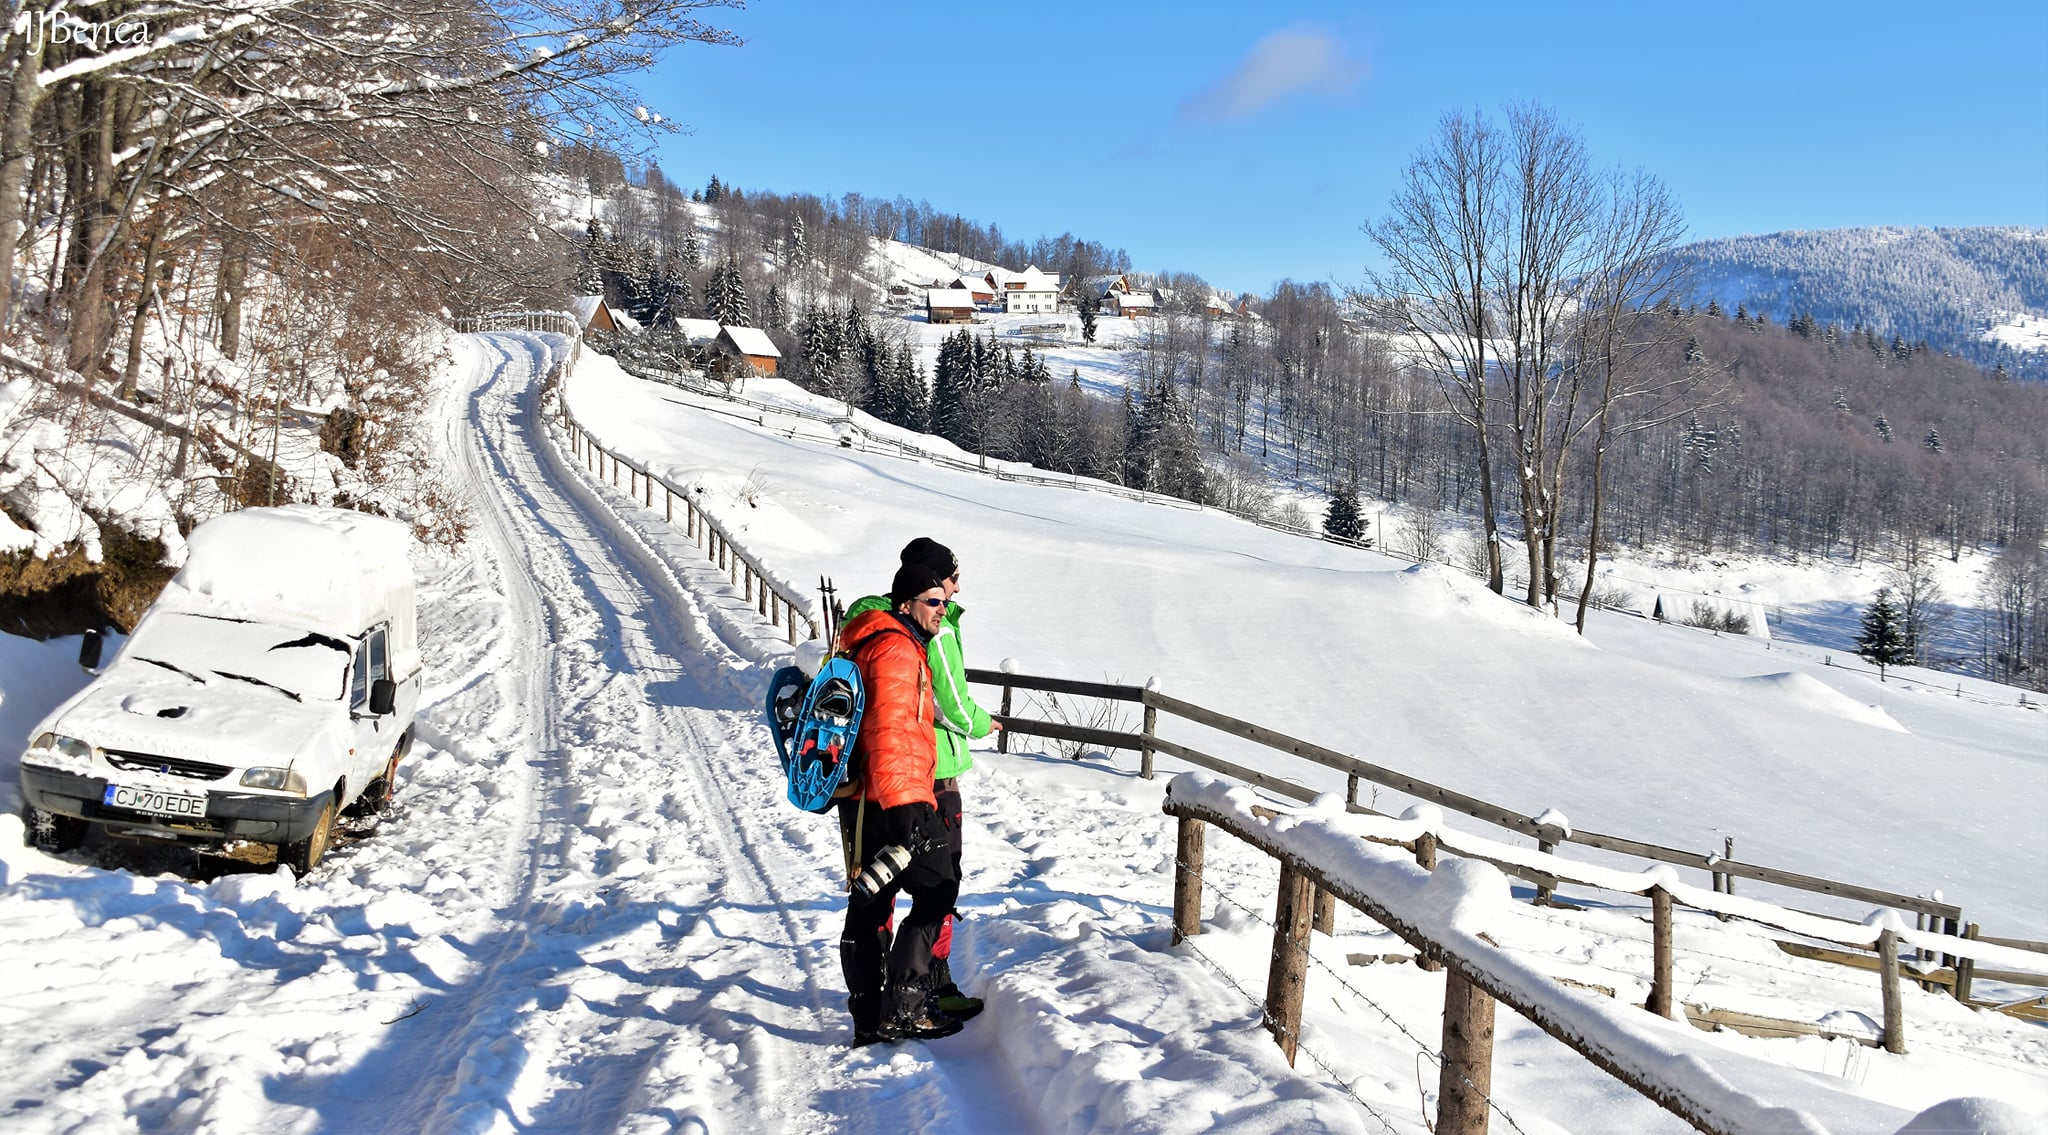 Scurt popas pe drumul comunal - Ioan Benea Jurca